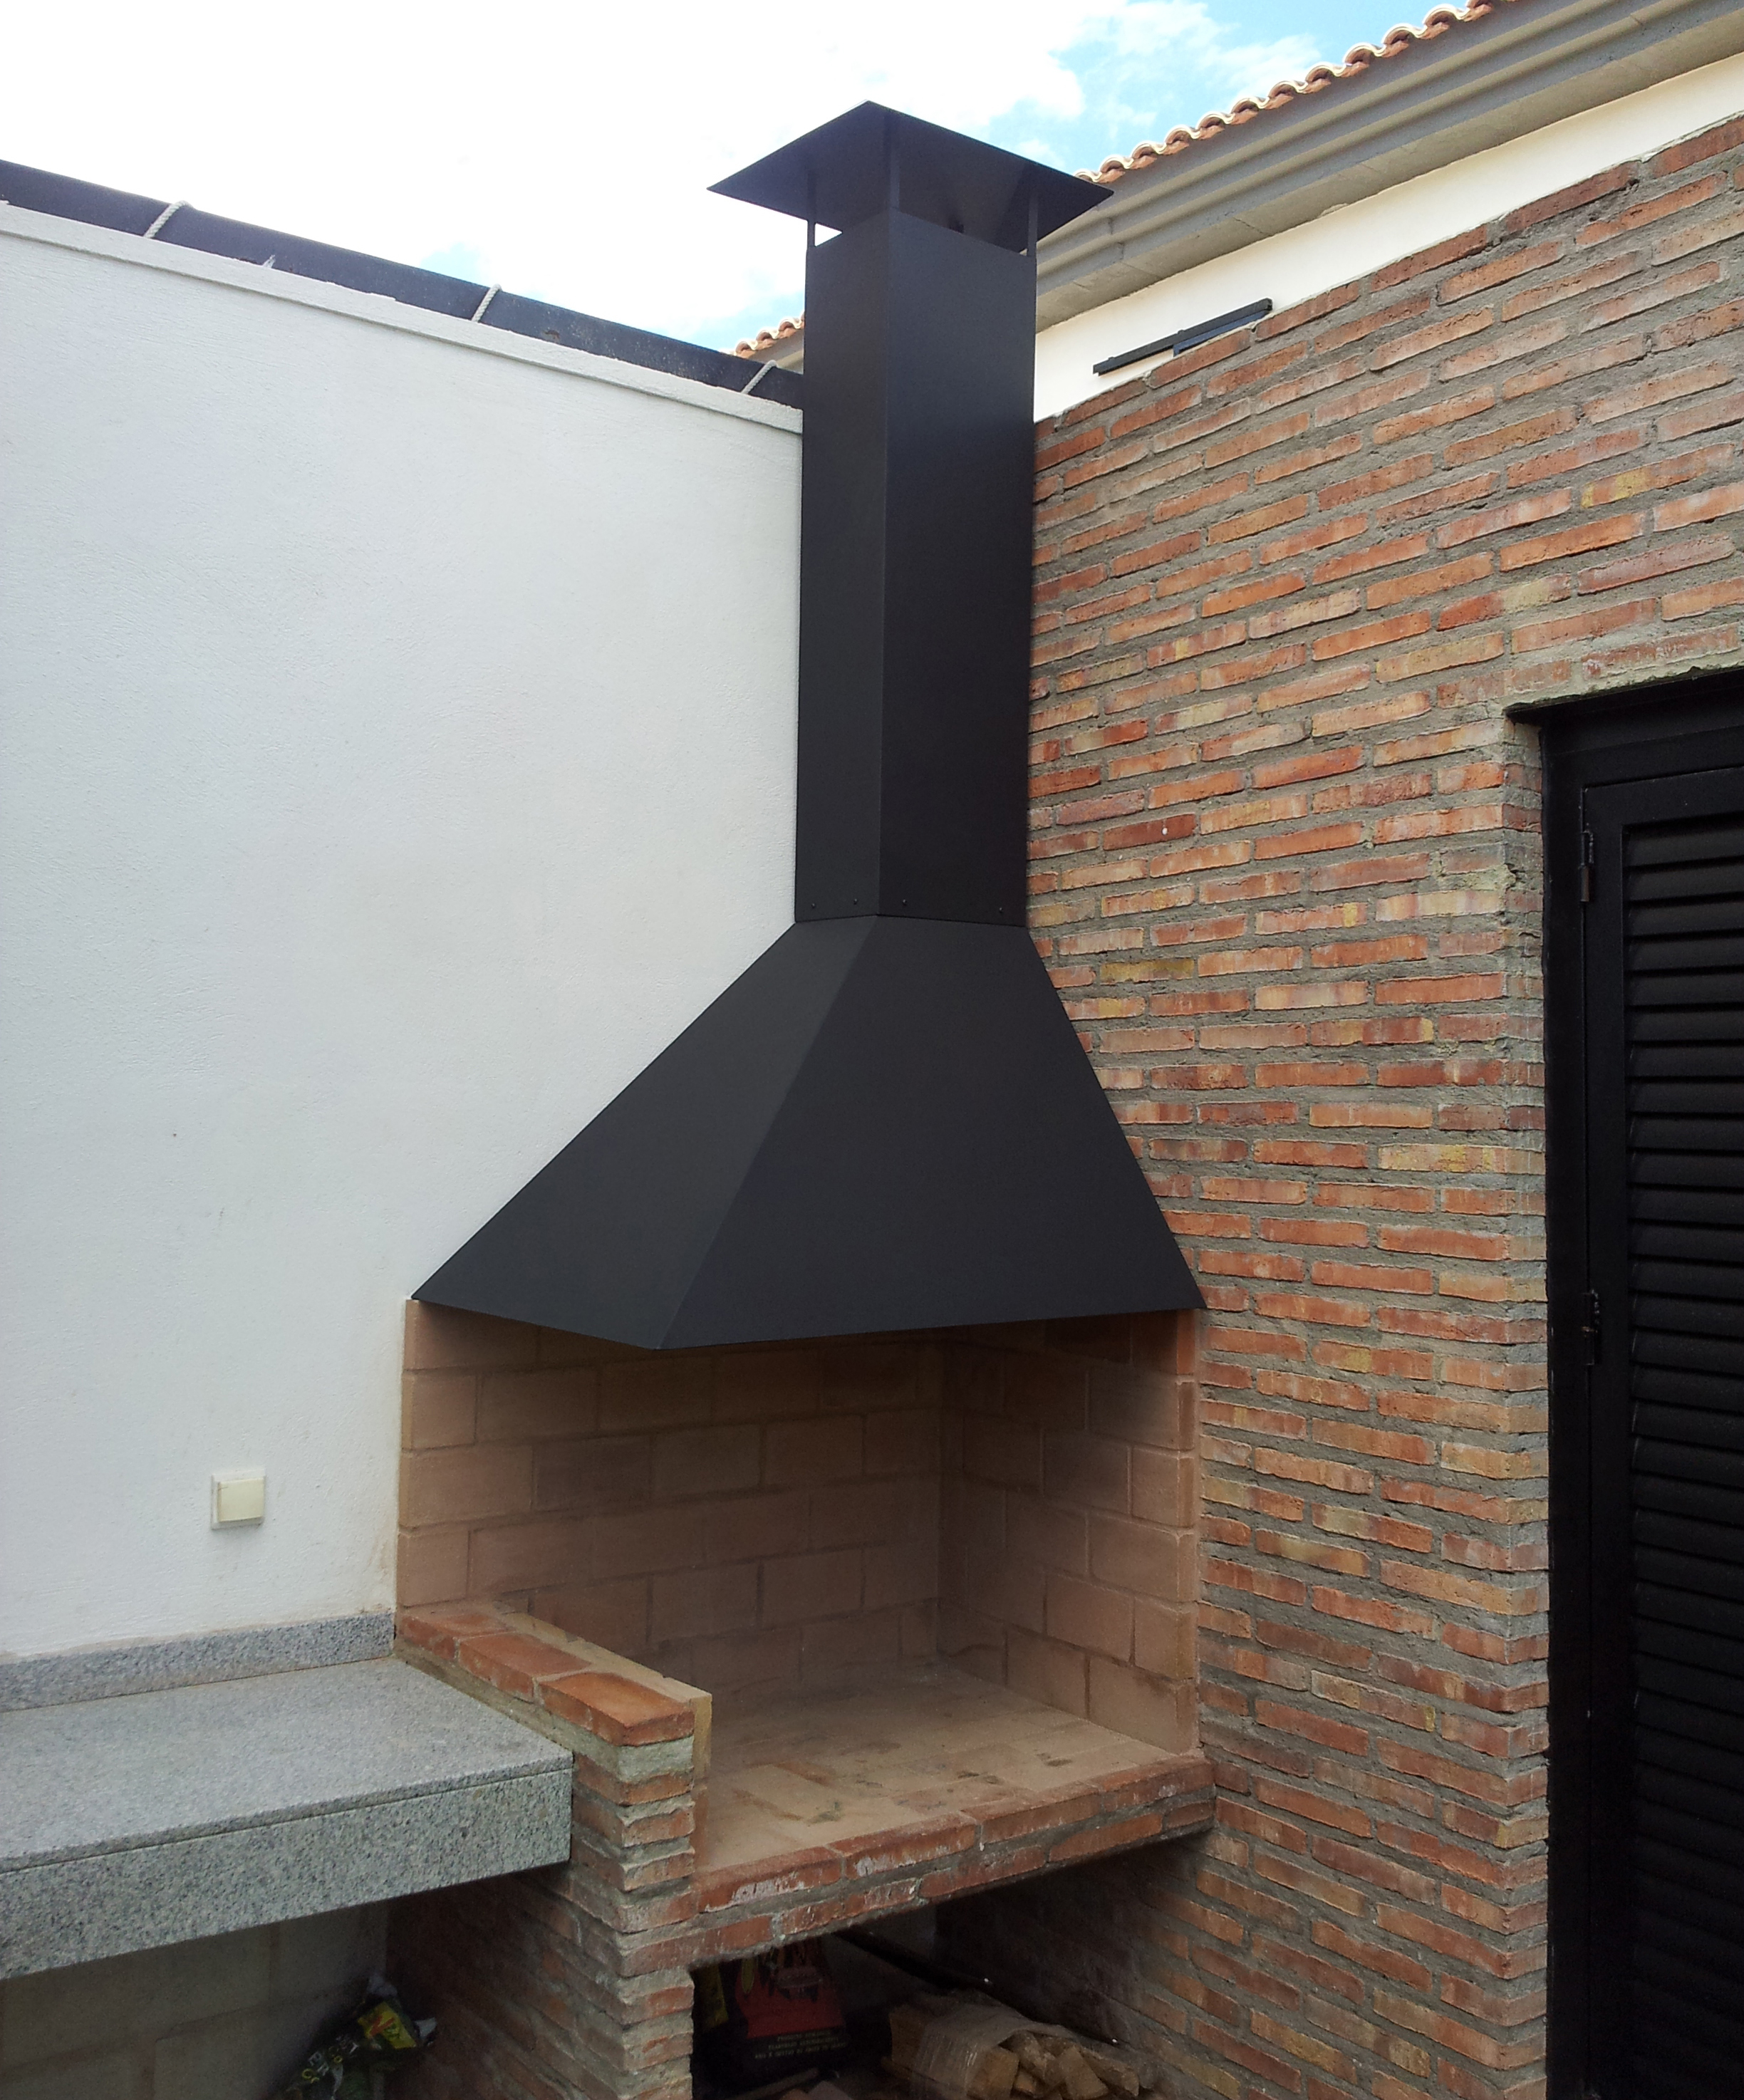 Decorar cuartos con manualidades campana metallica para barbacoa - Hacer chimenea barbacoa ...